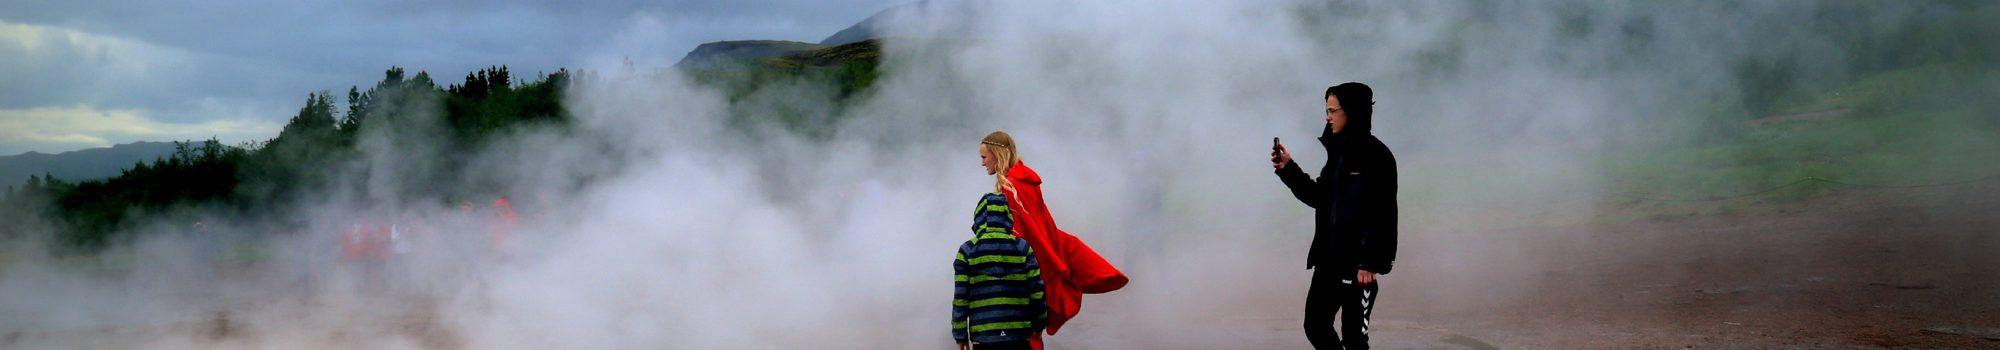 Family at Geysir geyser in Iceland